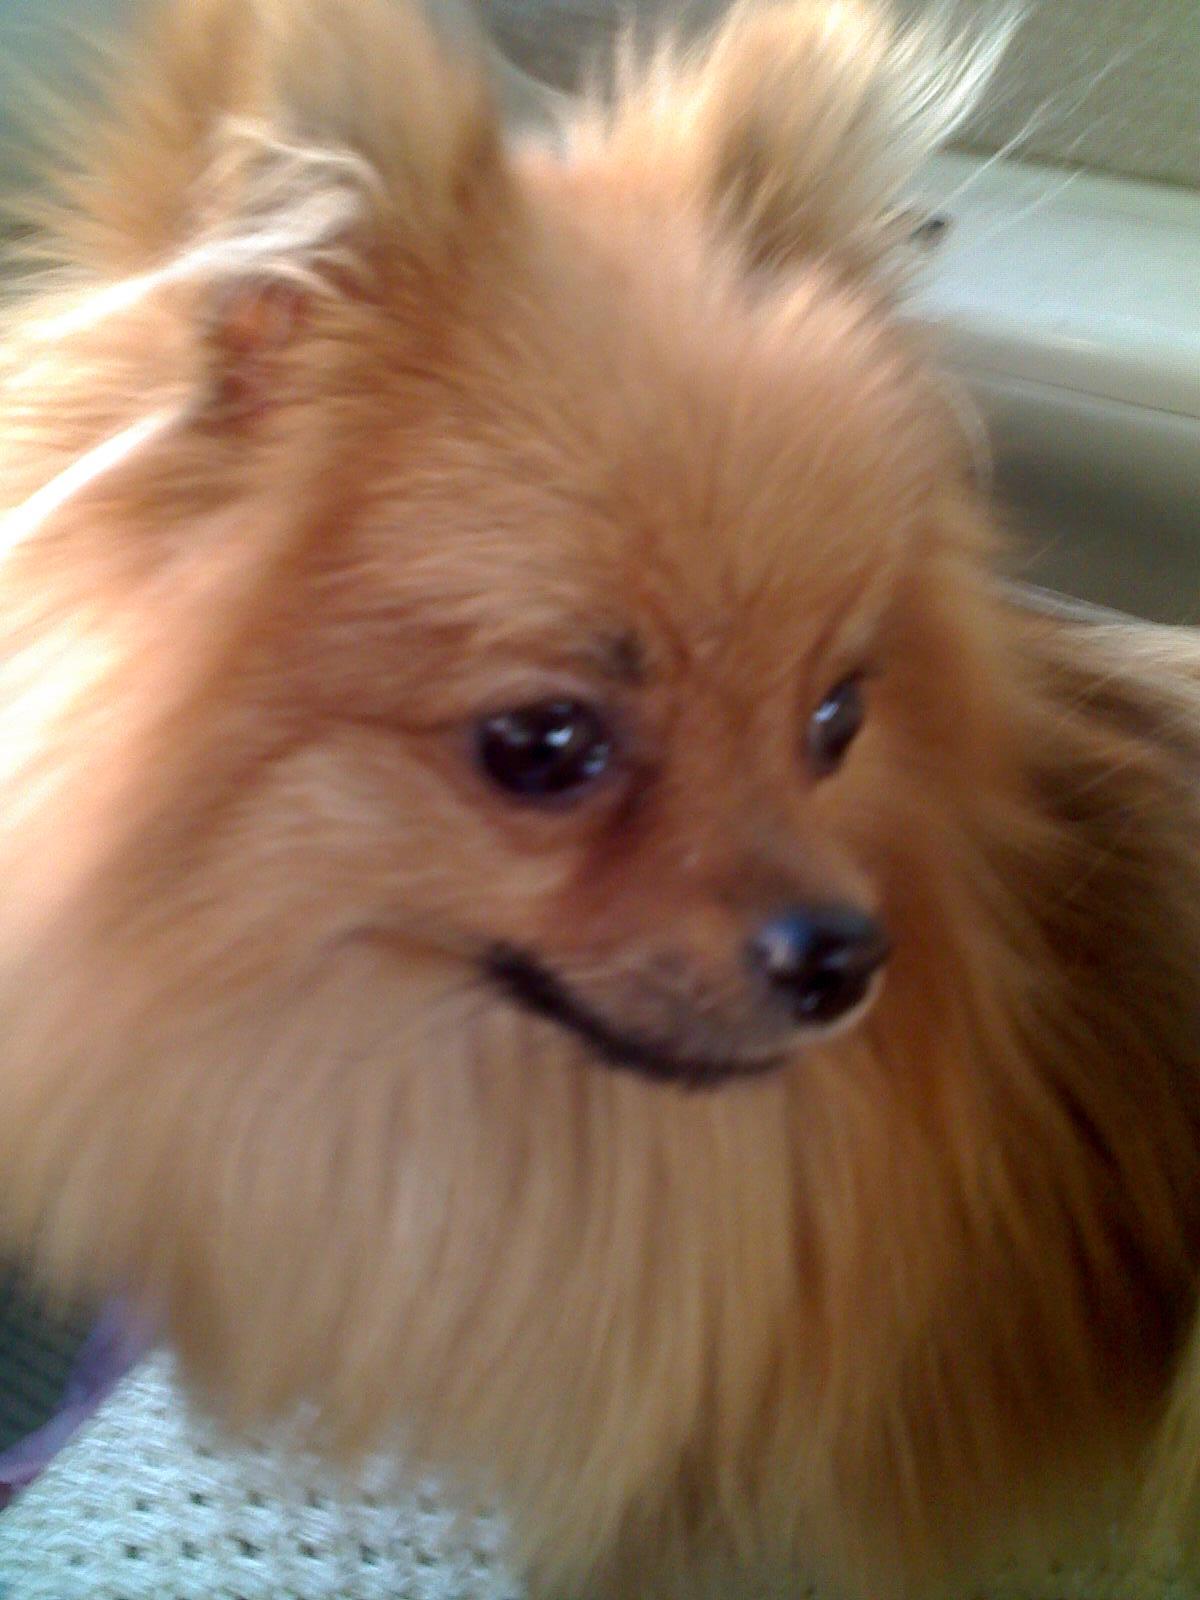 小狐狸狗图片白色小狐狸狗图片 小狐狸图片1; 白狐狸犬图片_图片大全